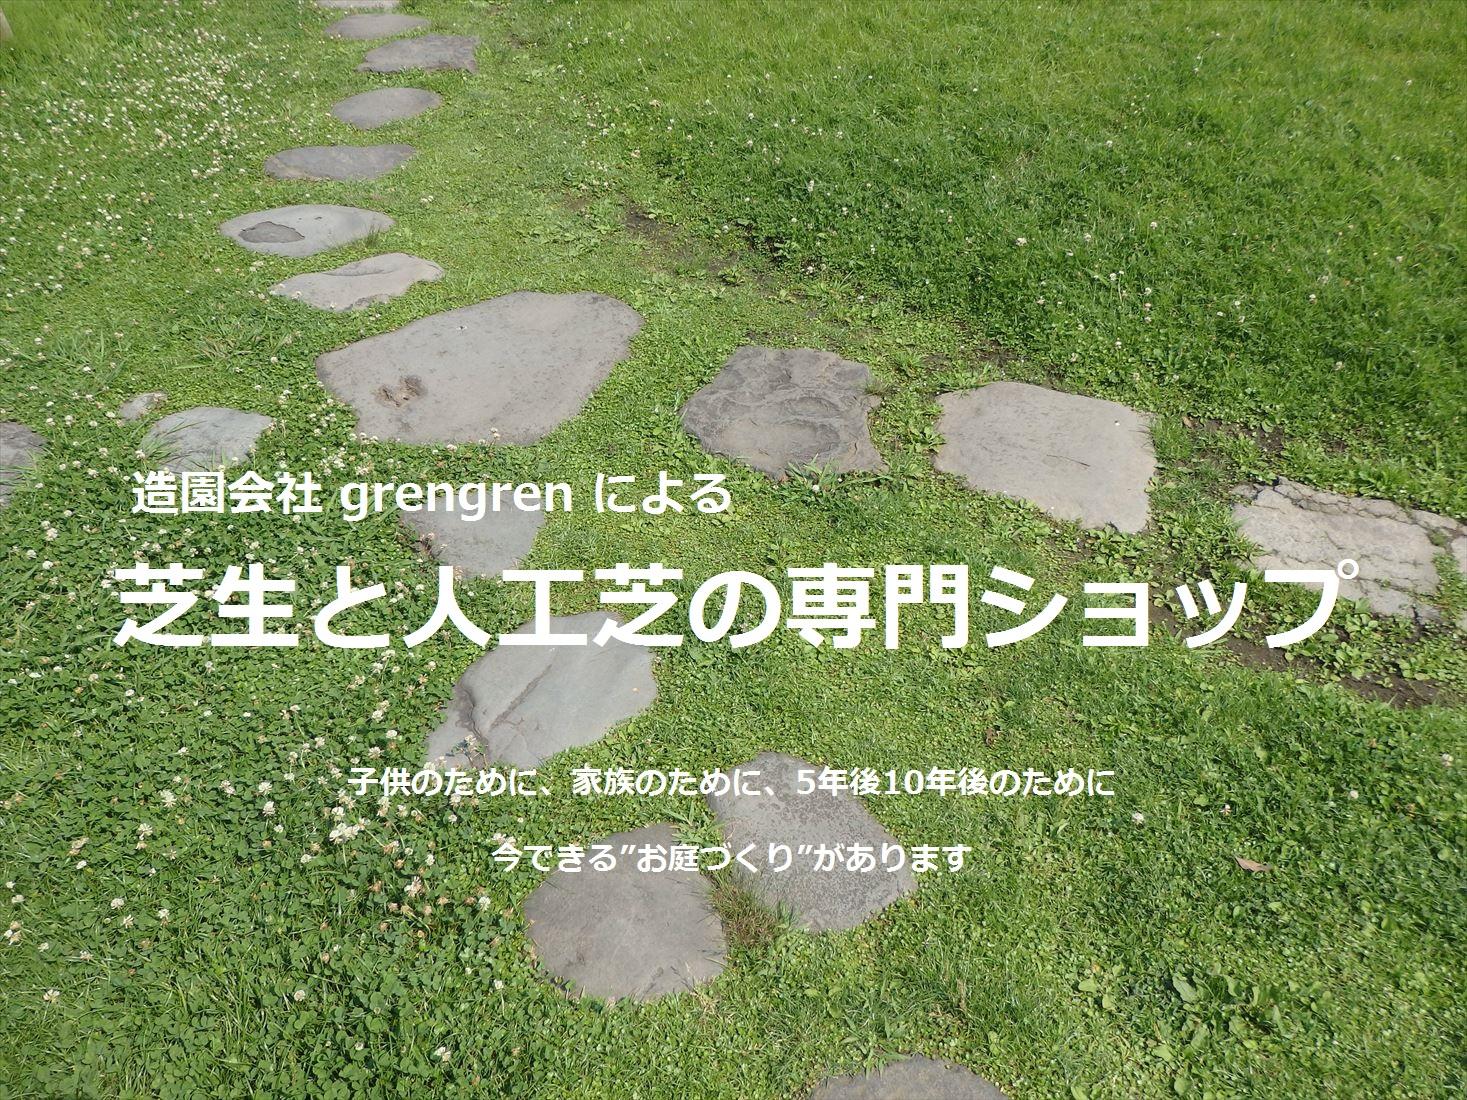 grengrenが提供する芝生と人工芝のタイトルが入った画像